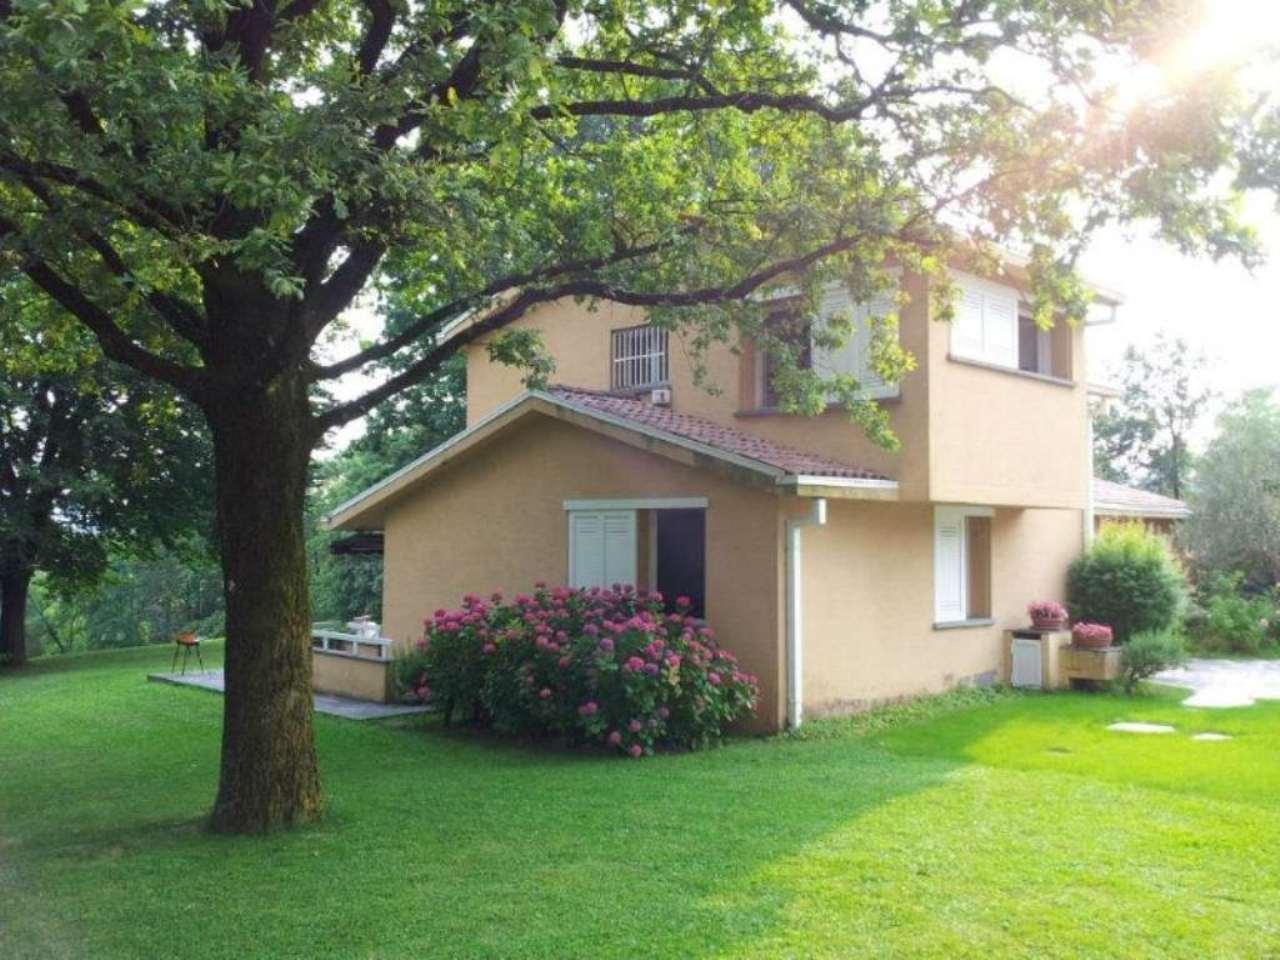 Soluzione Semindipendente in affitto a Almenno San Bartolomeo, 5 locali, prezzo € 1.000 | Cambio Casa.it